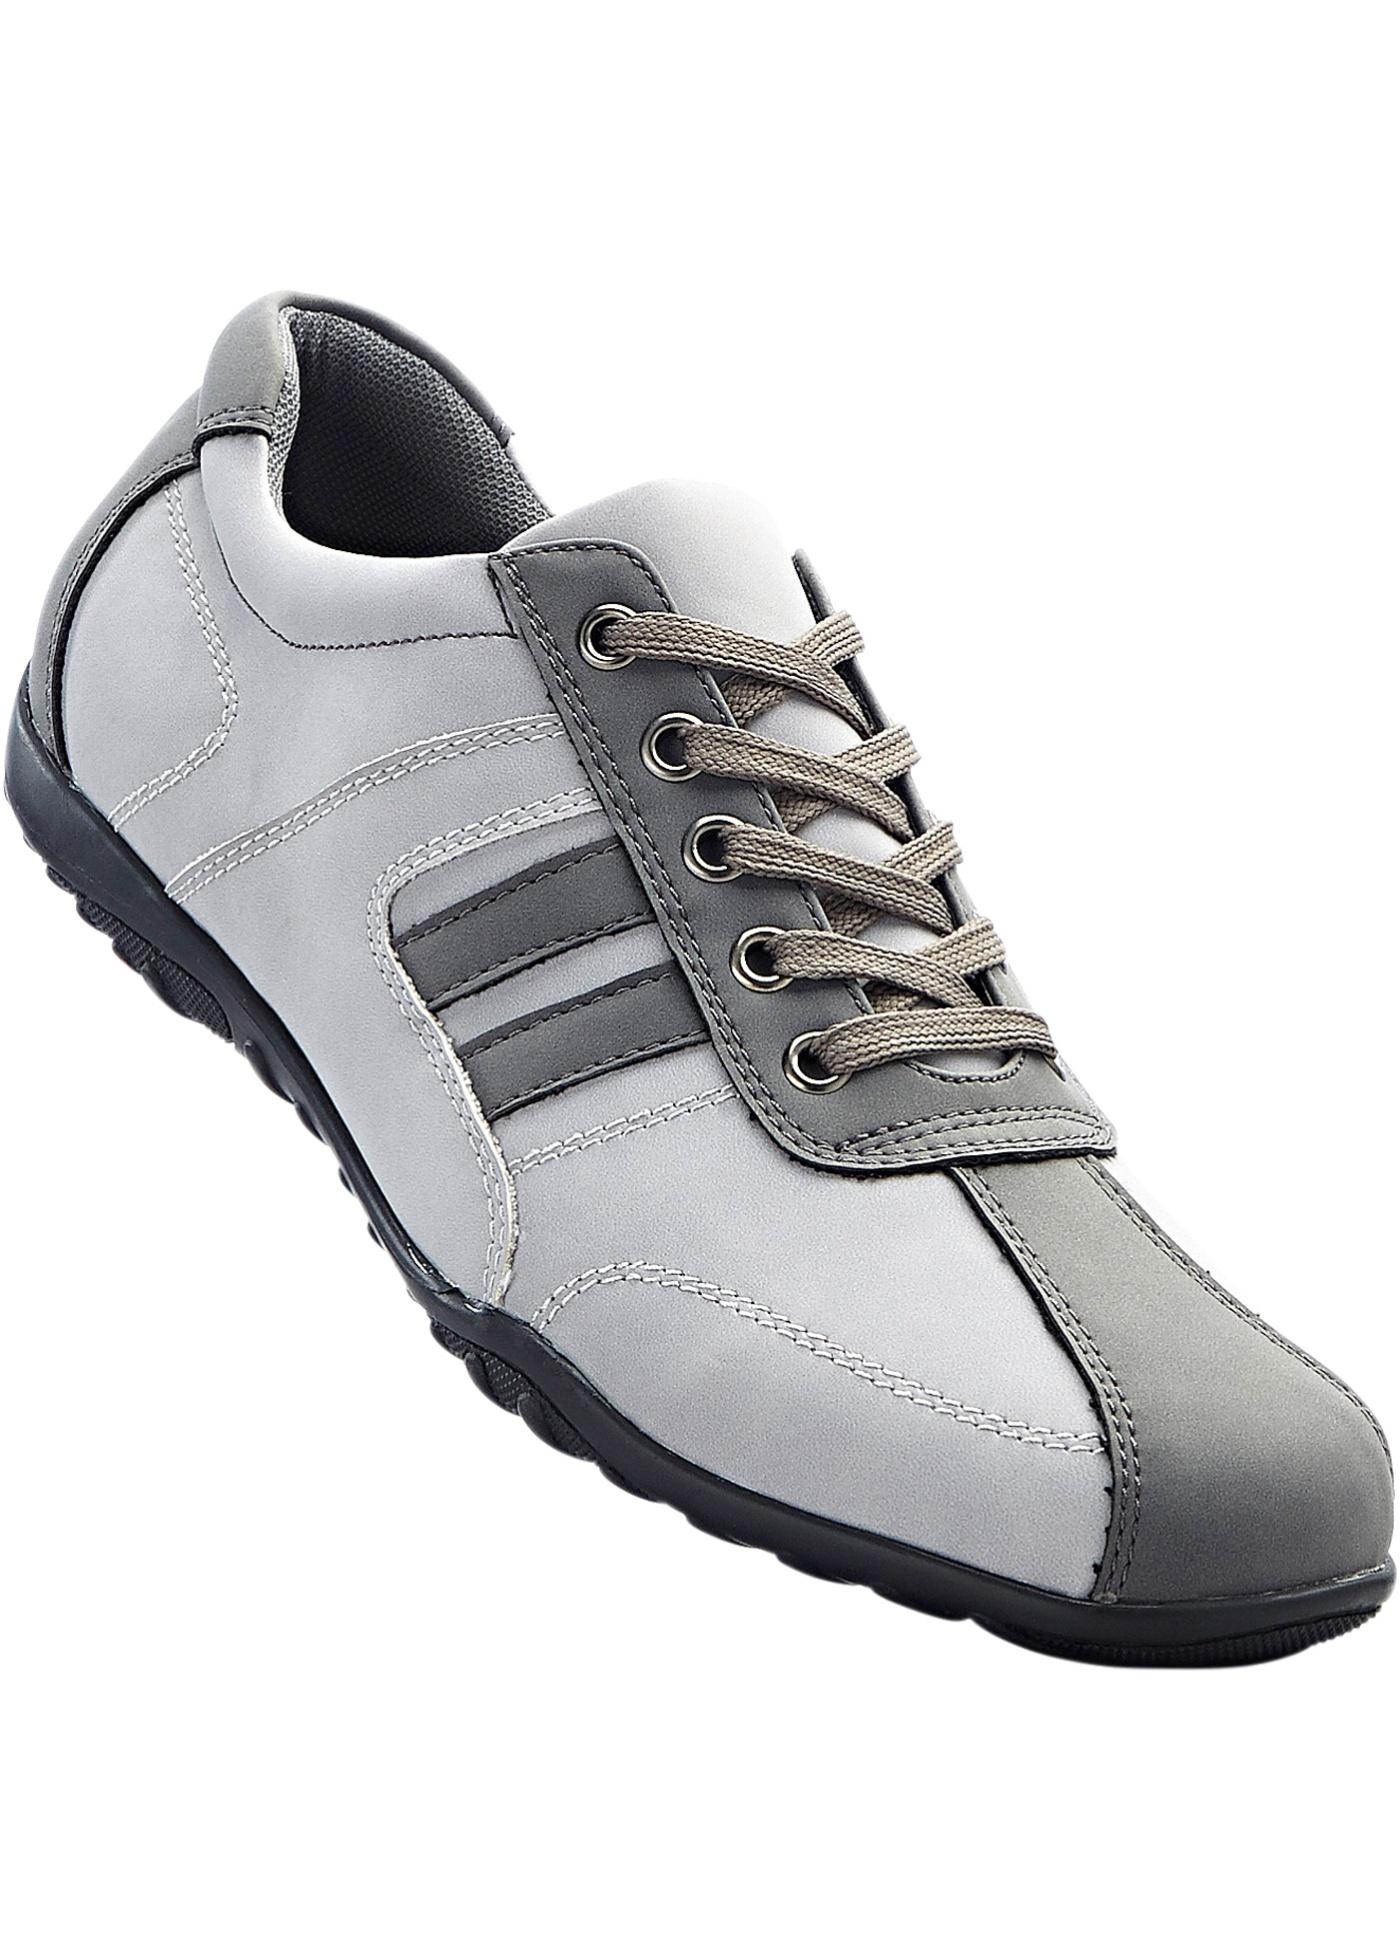 Sneaker  Grigio  - bpc se